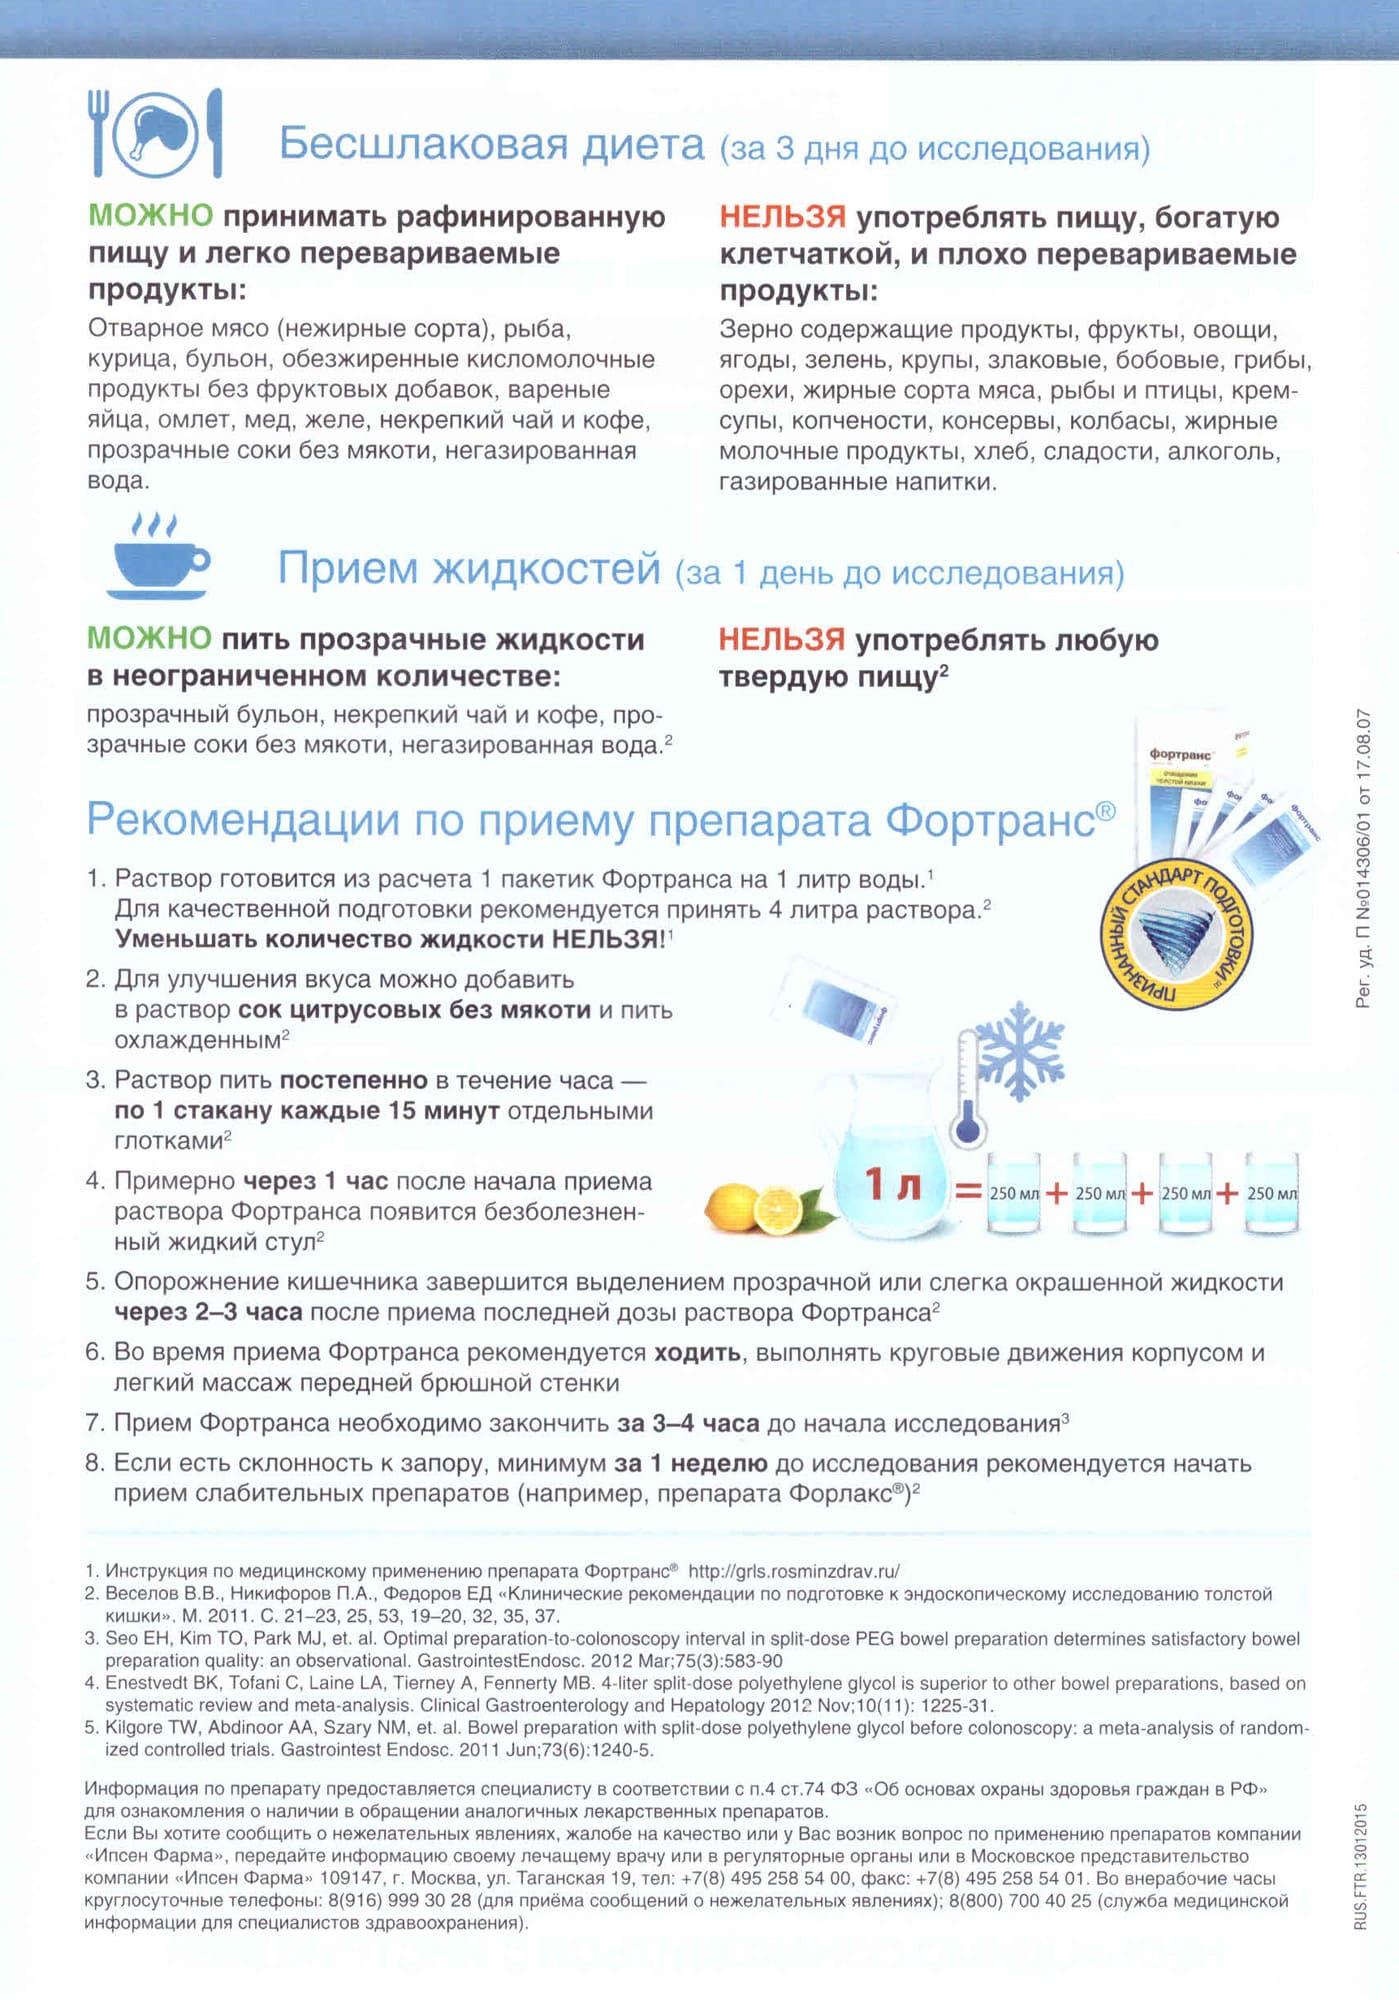 Диета При Подготовке К Колоноскопии Кишечника Фортрансом.